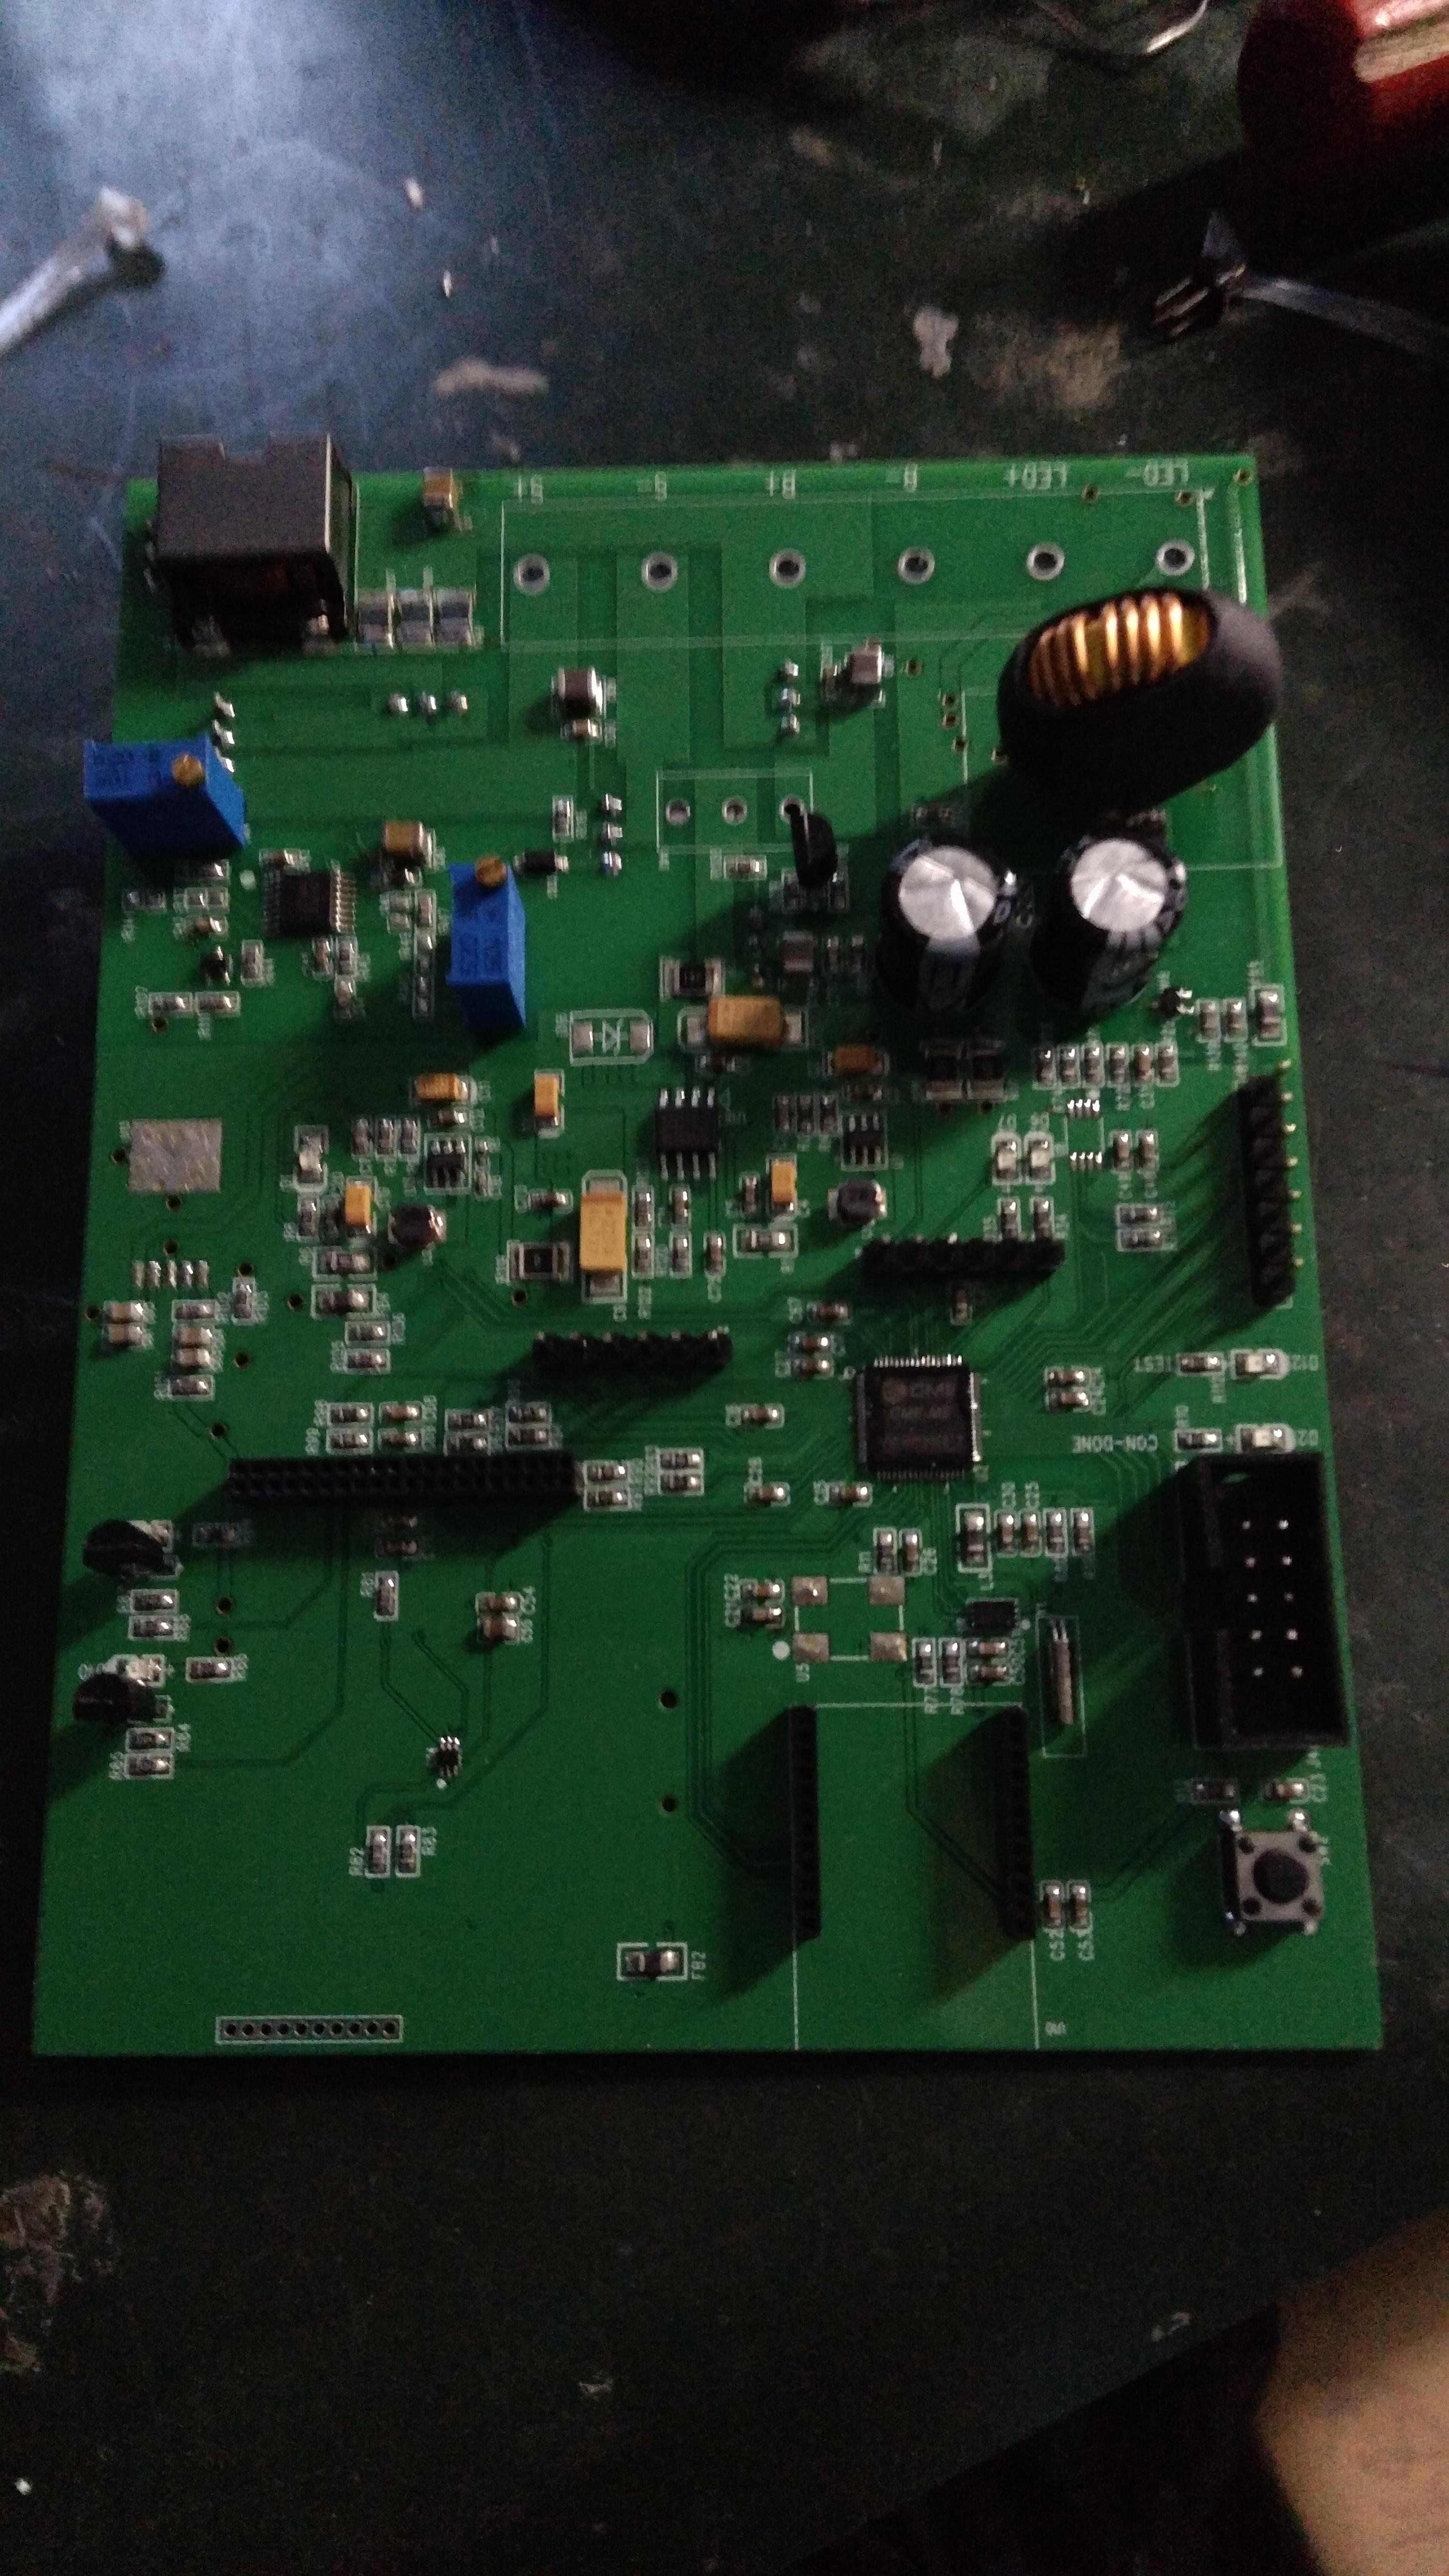 厂家直销电路板焊接报价 北京电路板焊接厂家 电路板焊接价格 行情